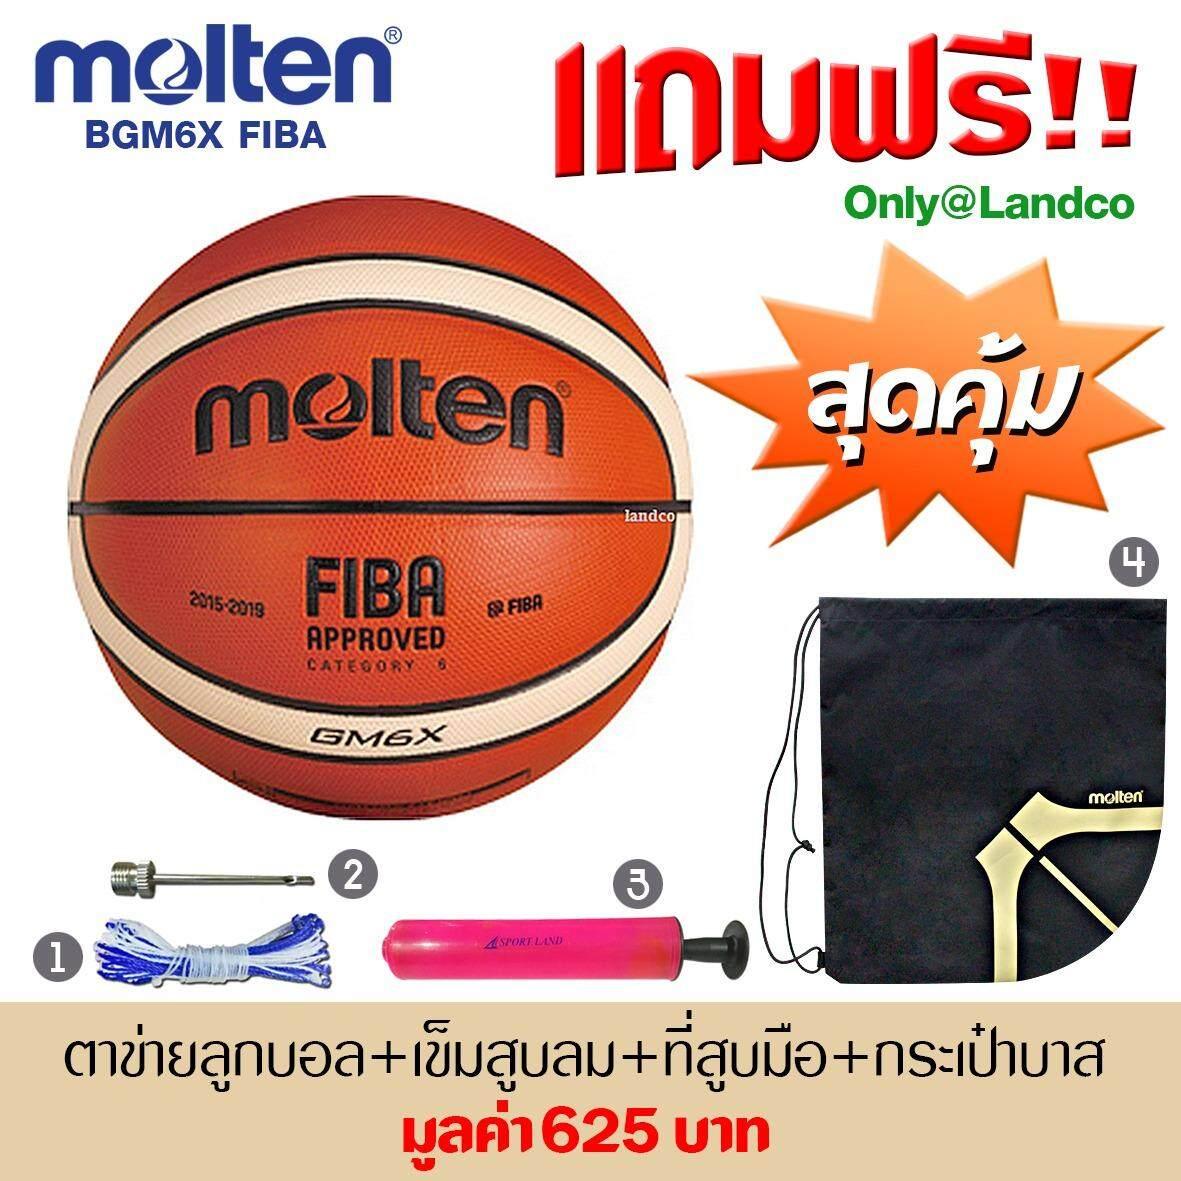 ราคา Molten บาสเก็ตบอล รุ่น Bgm6X Fiba แถมฟรี ตาข่ายใส่ลูกบาสเกตบอล เข็มสูบสูบลม สูบมือ Spl รุ่น Sl6 สีชมพู กระเป๋าบาส เป็นต้นฉบับ Molten